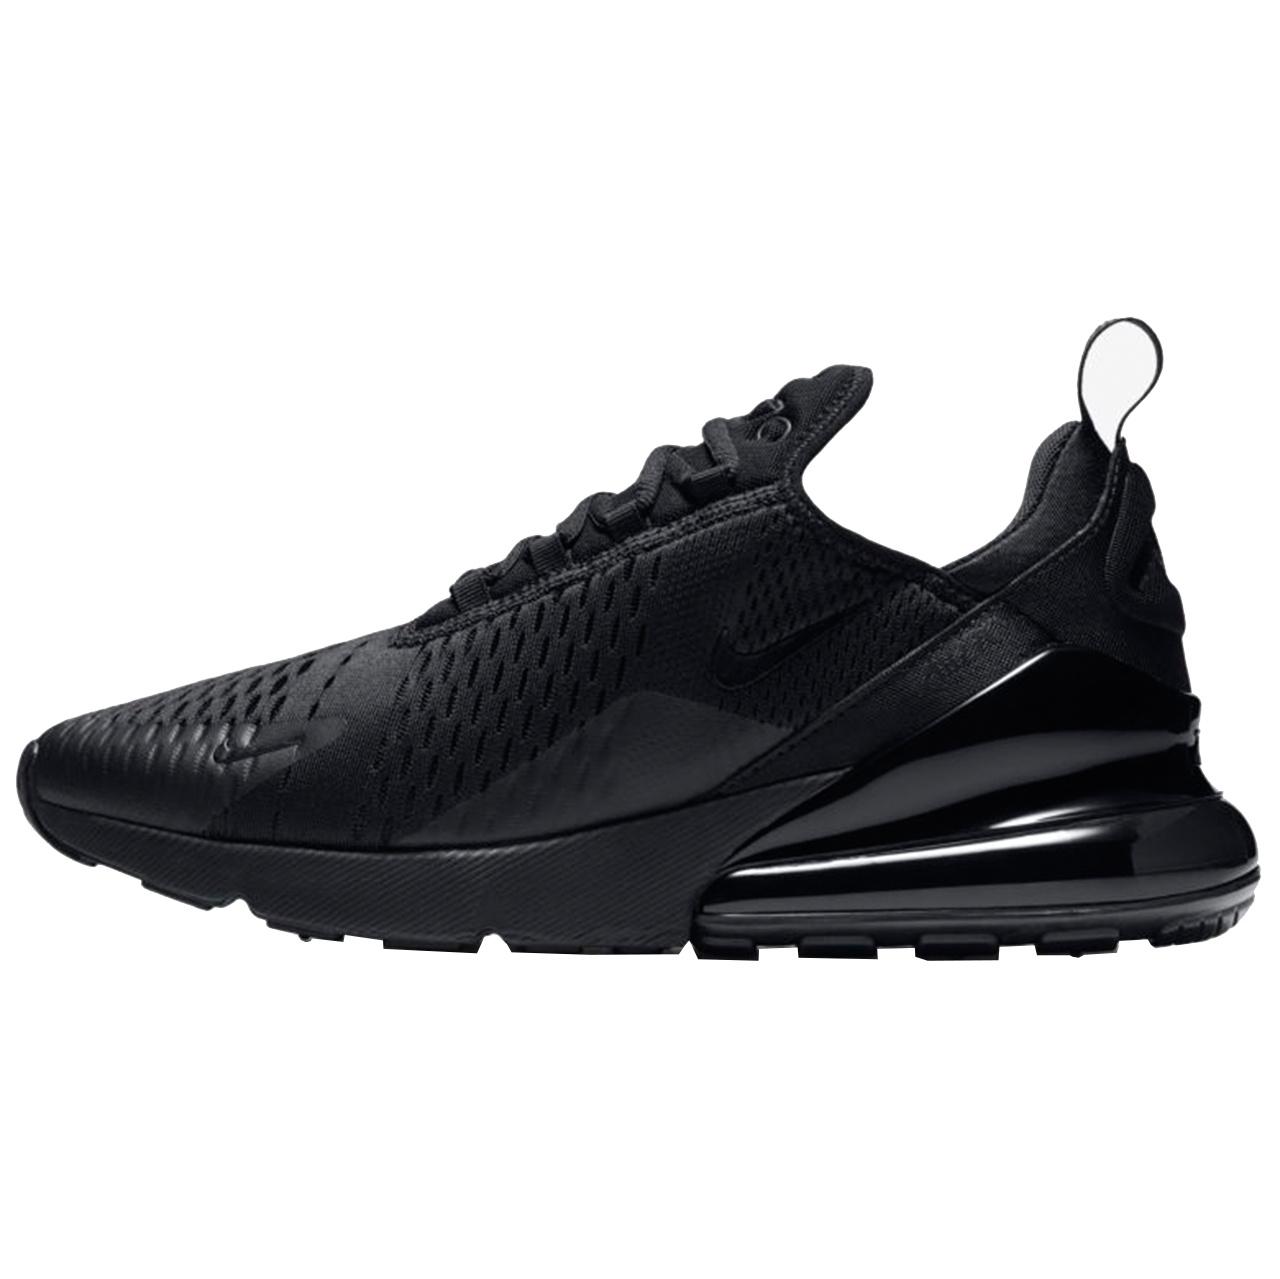 خرید                     کفش ورزشی مردانه نایکی مدل Air Max 270 - AH8050-005